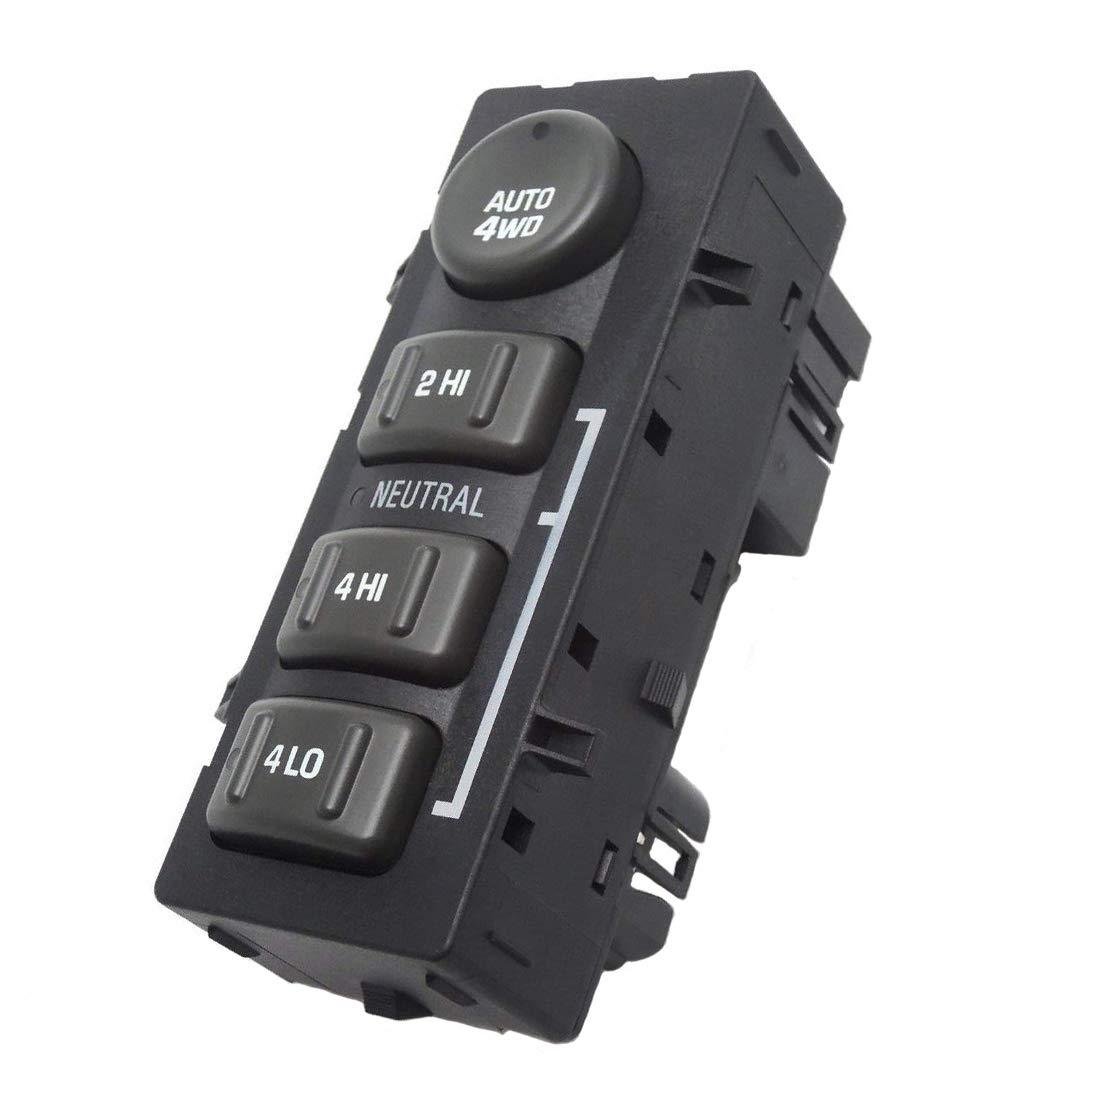 4x4 4wd Switch 901062 for Chevy Silverado GMC Sierra 4 Wheel Drive Switch Transfer Case Switch 15709327 19168767 Issyzone